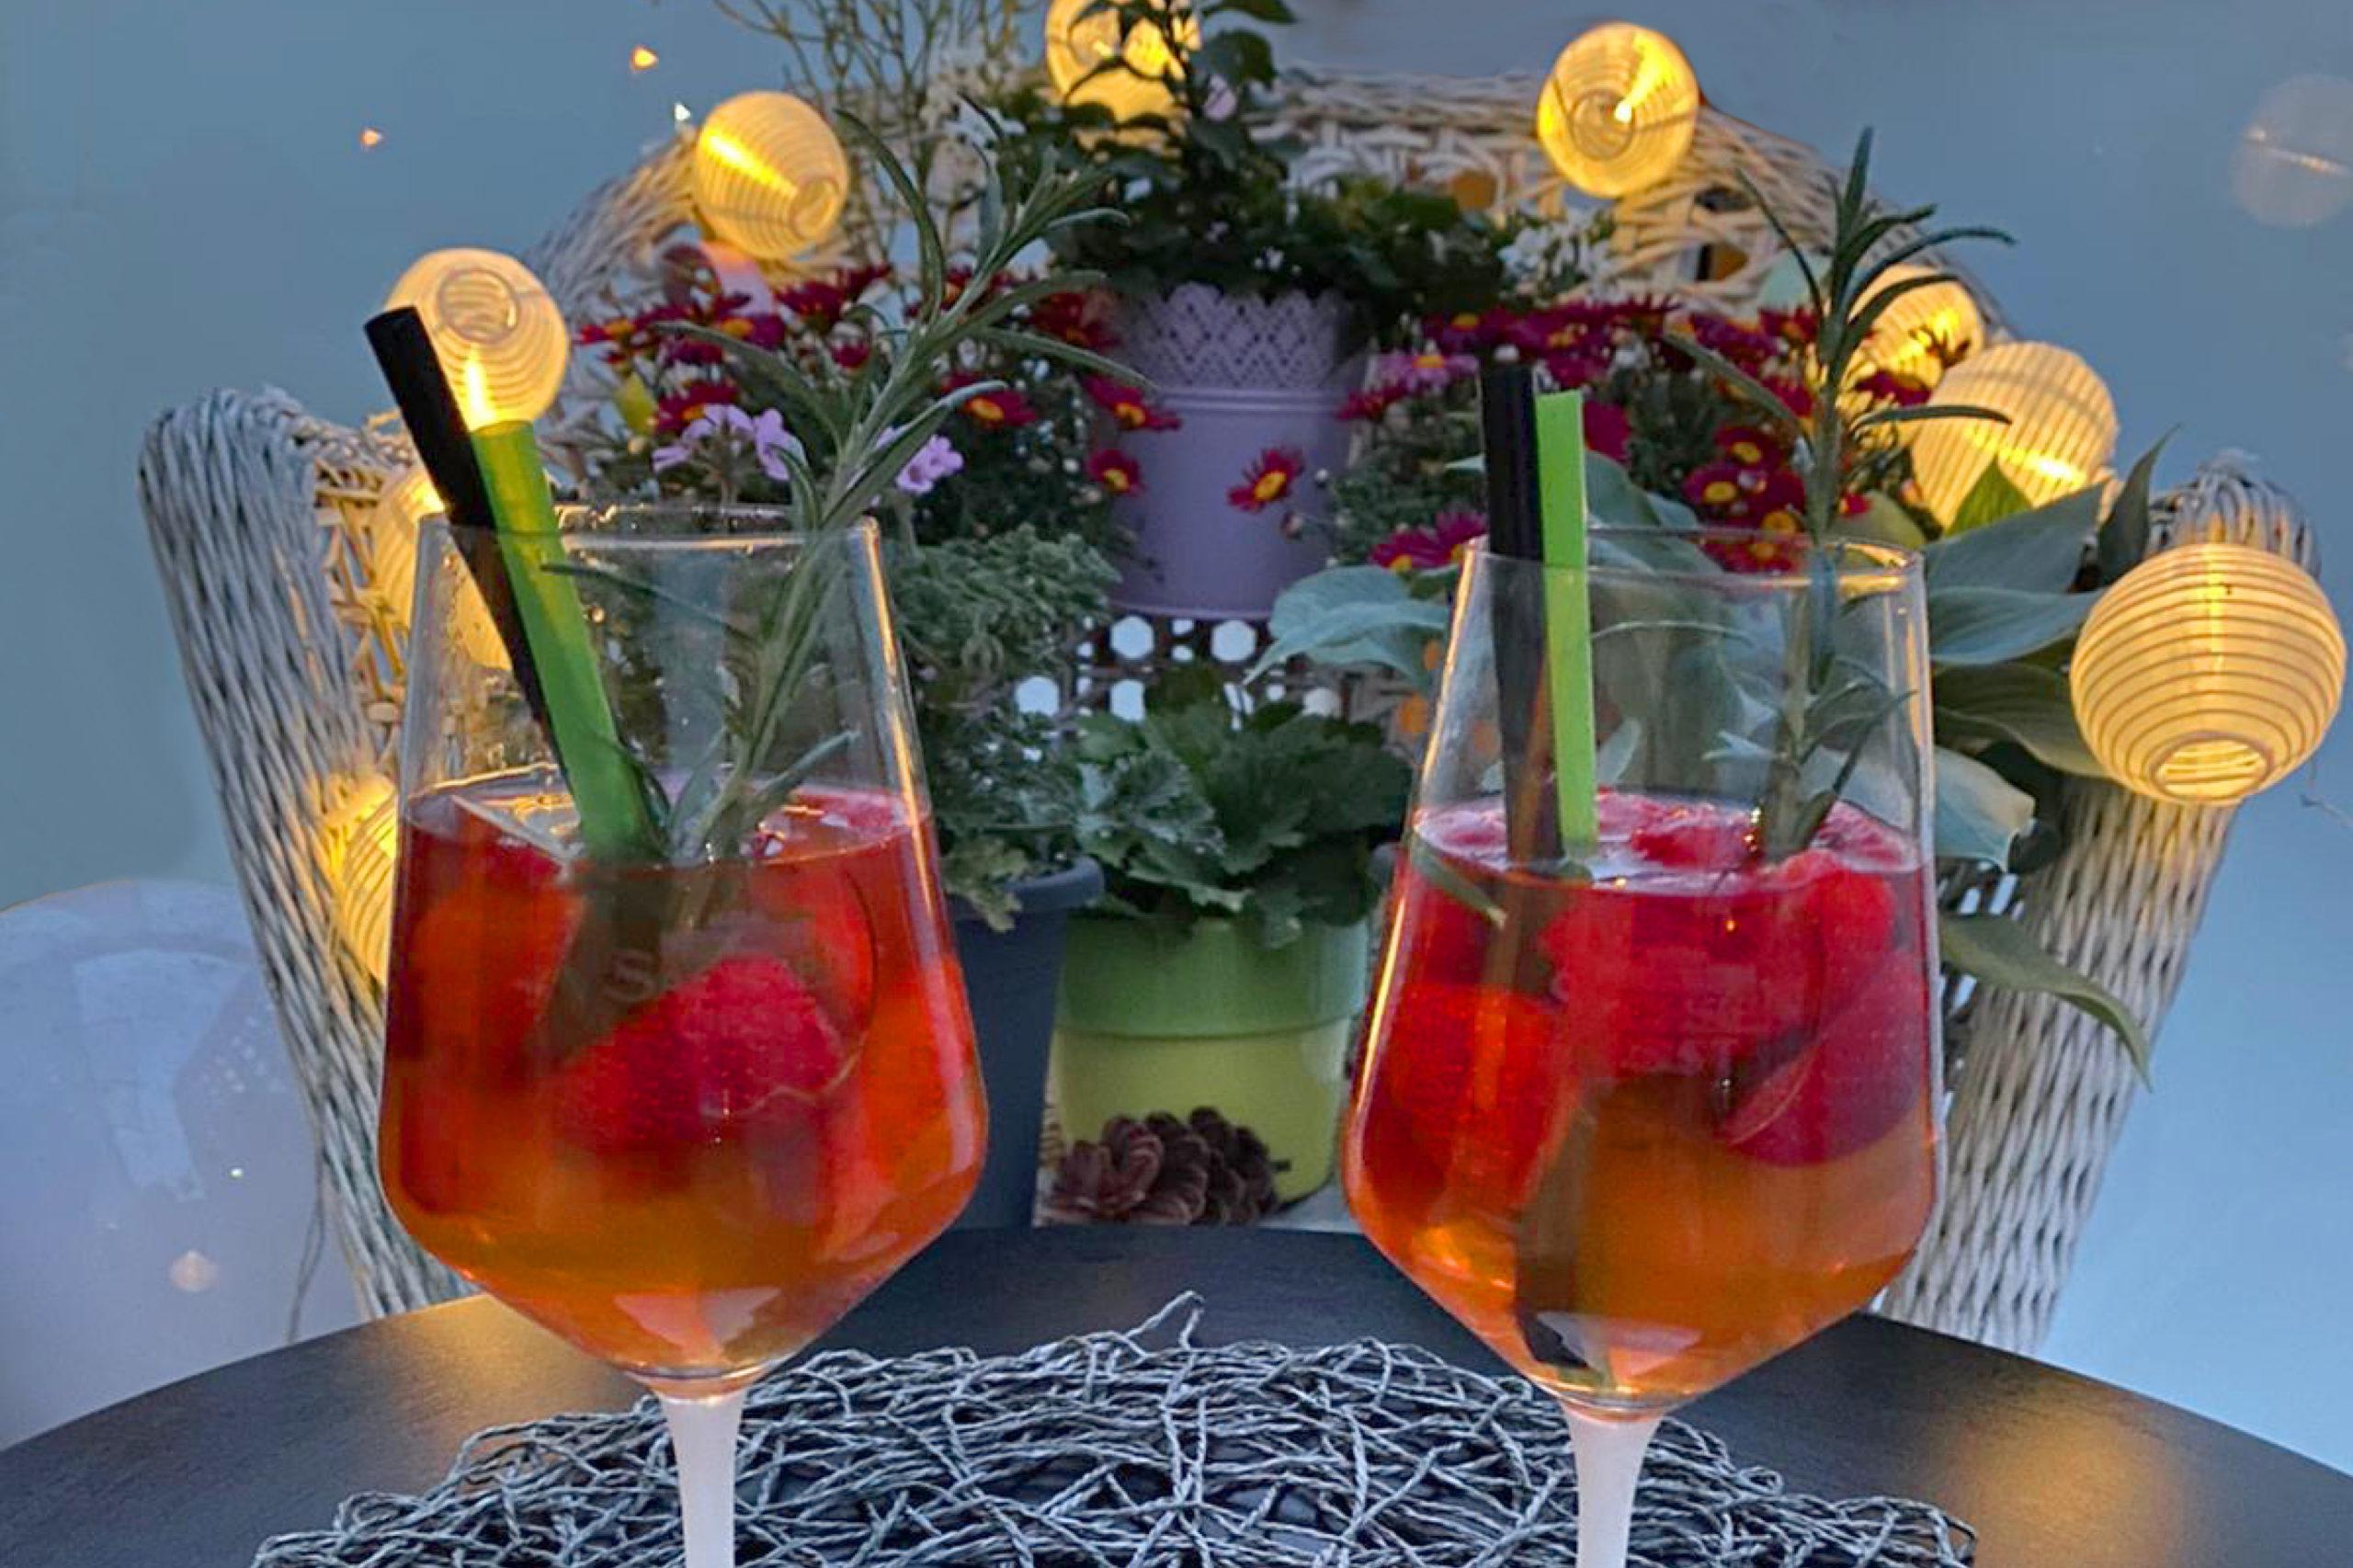 Apfel-Erdbeer-Lavendel-Bowle